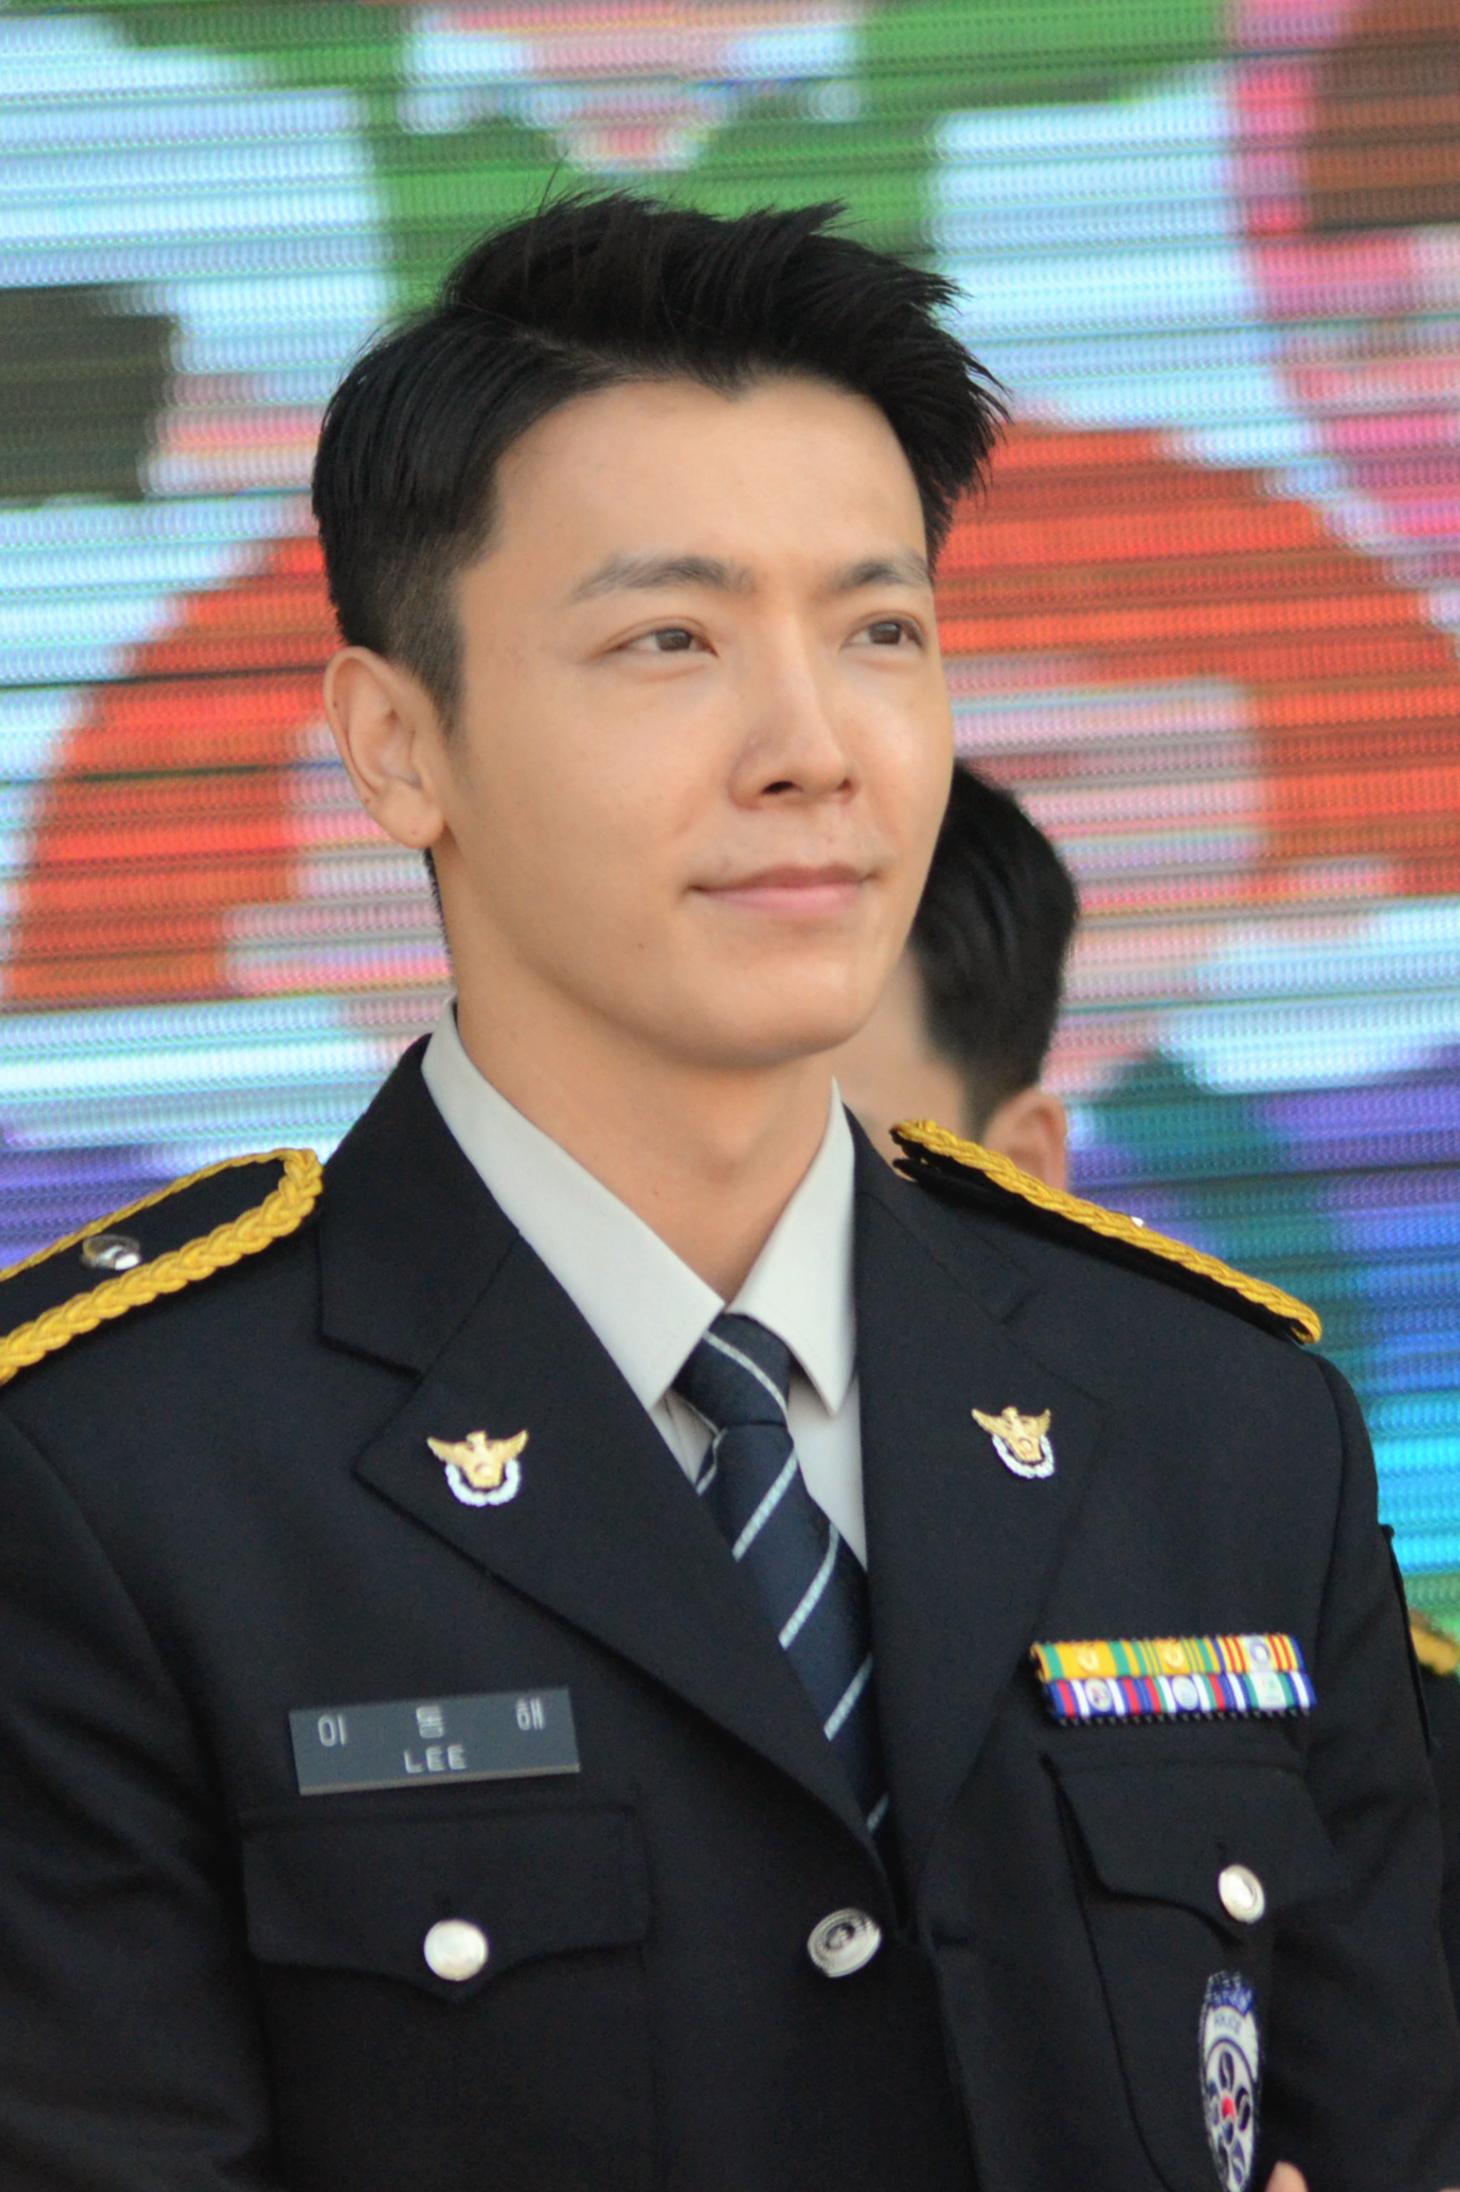 Lee Donhae